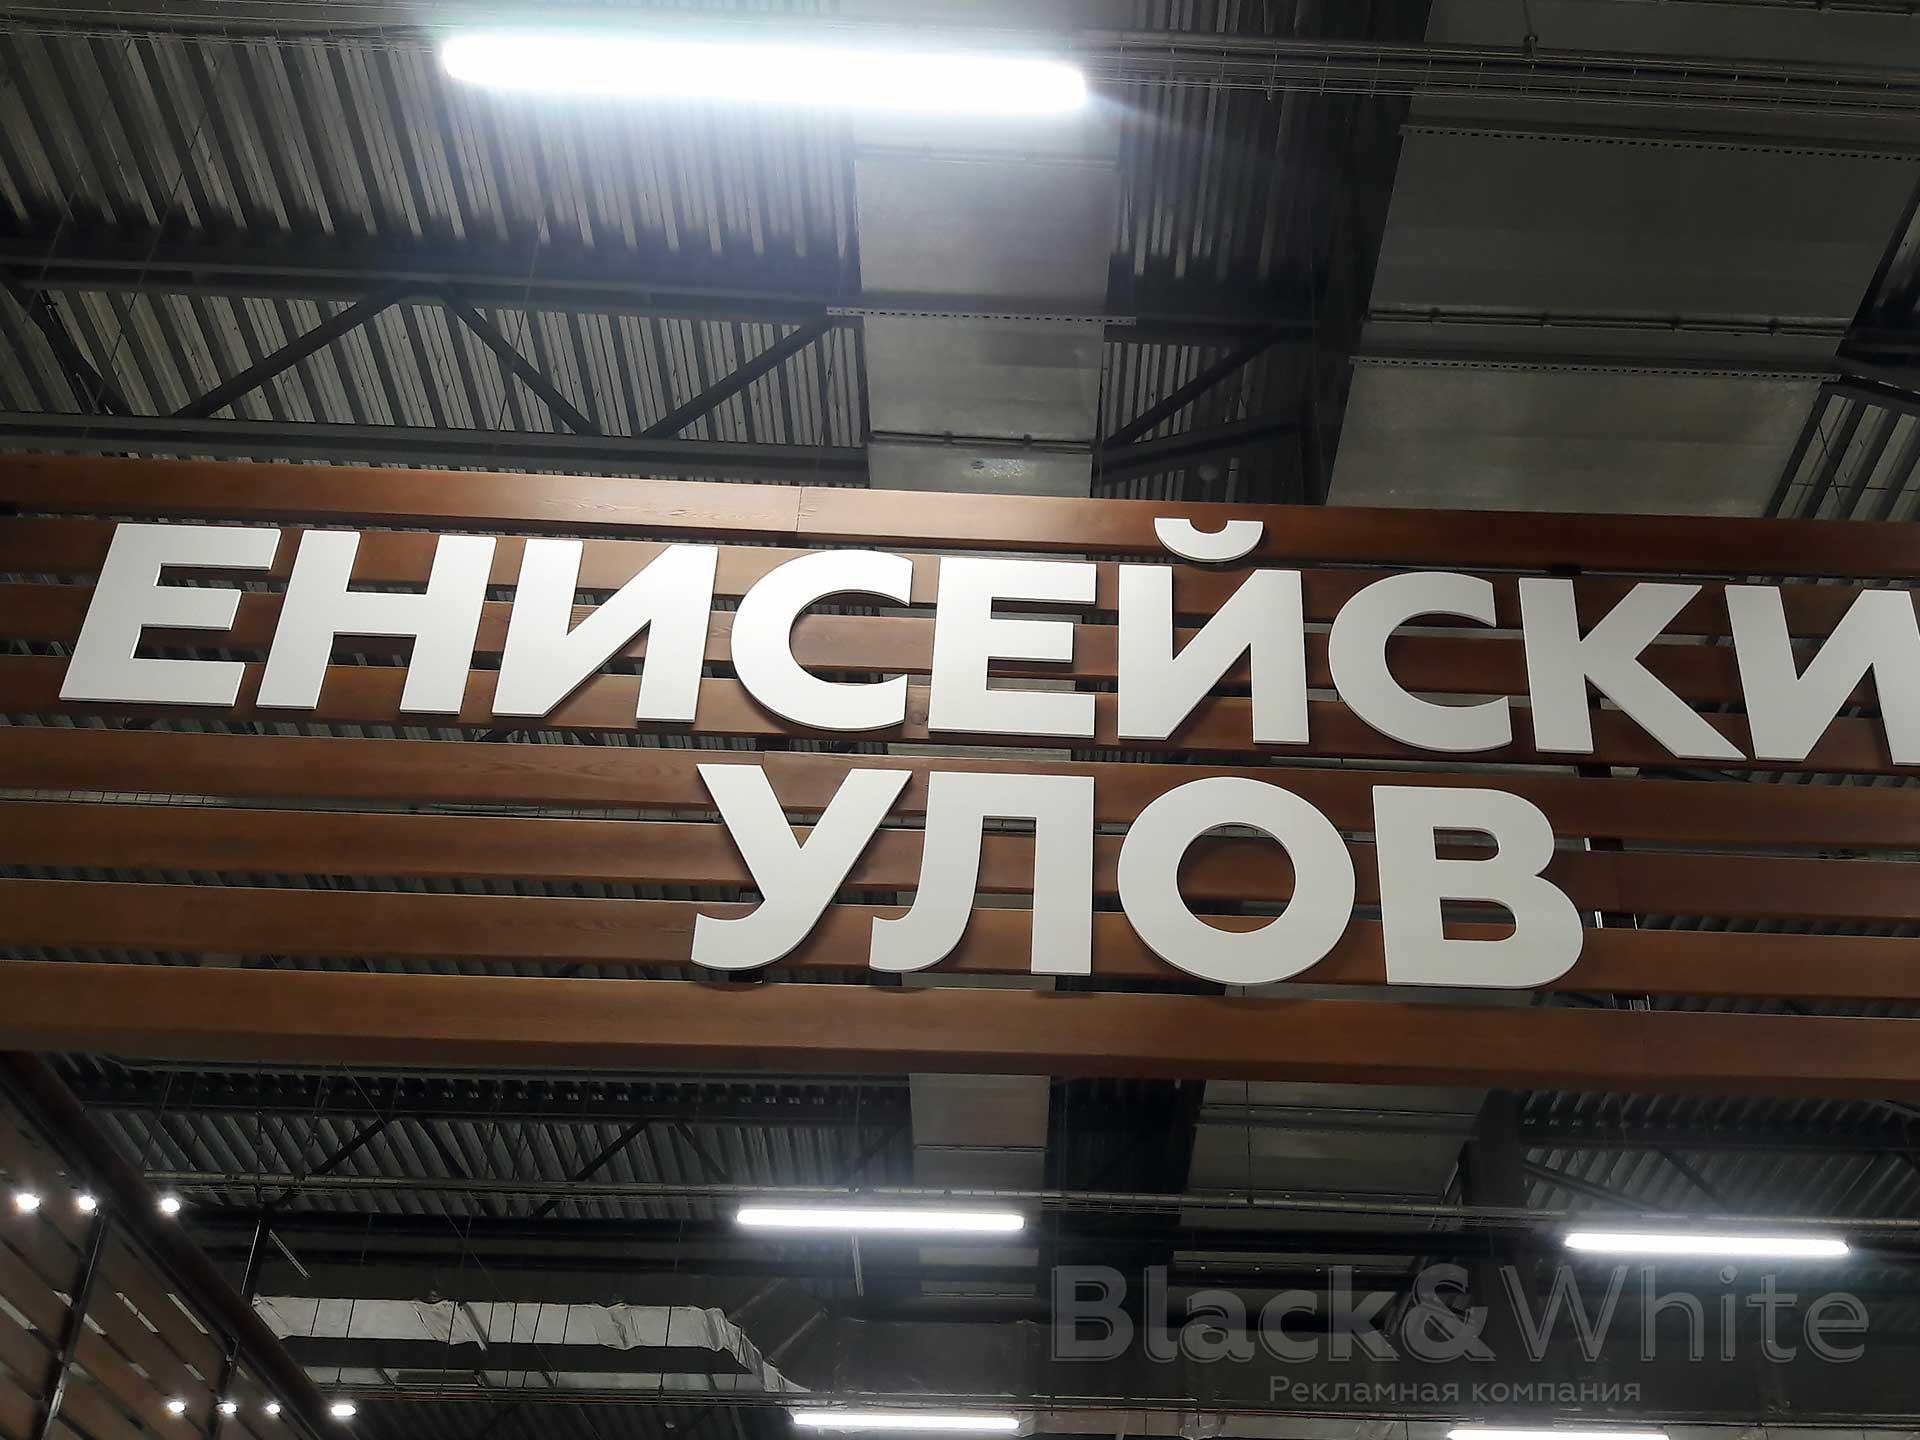 Плоские-псевдообъемные-буквы-из-ПВХ-вывеска-из-дерева-в-Красноярске.jpg